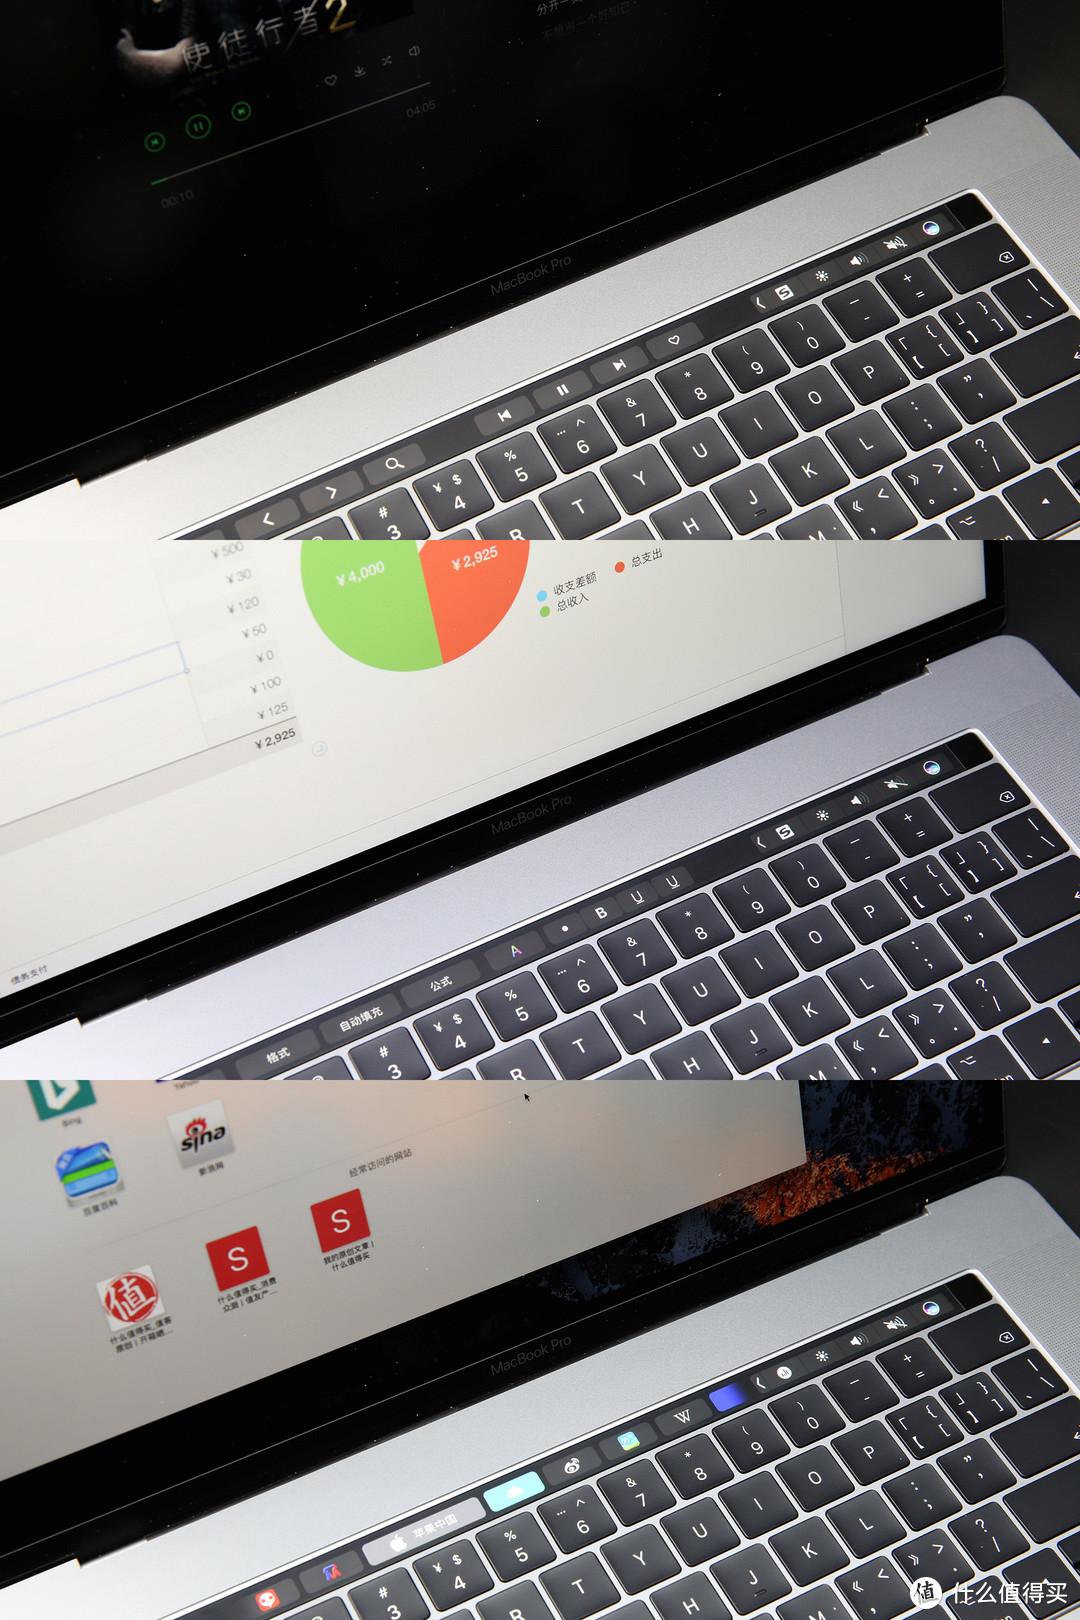 #晒单大赛#老婆给我买了台苹果电脑—2017款 Apple 苹果 MacBook Pro 15寸 笔记本电脑 体验测评